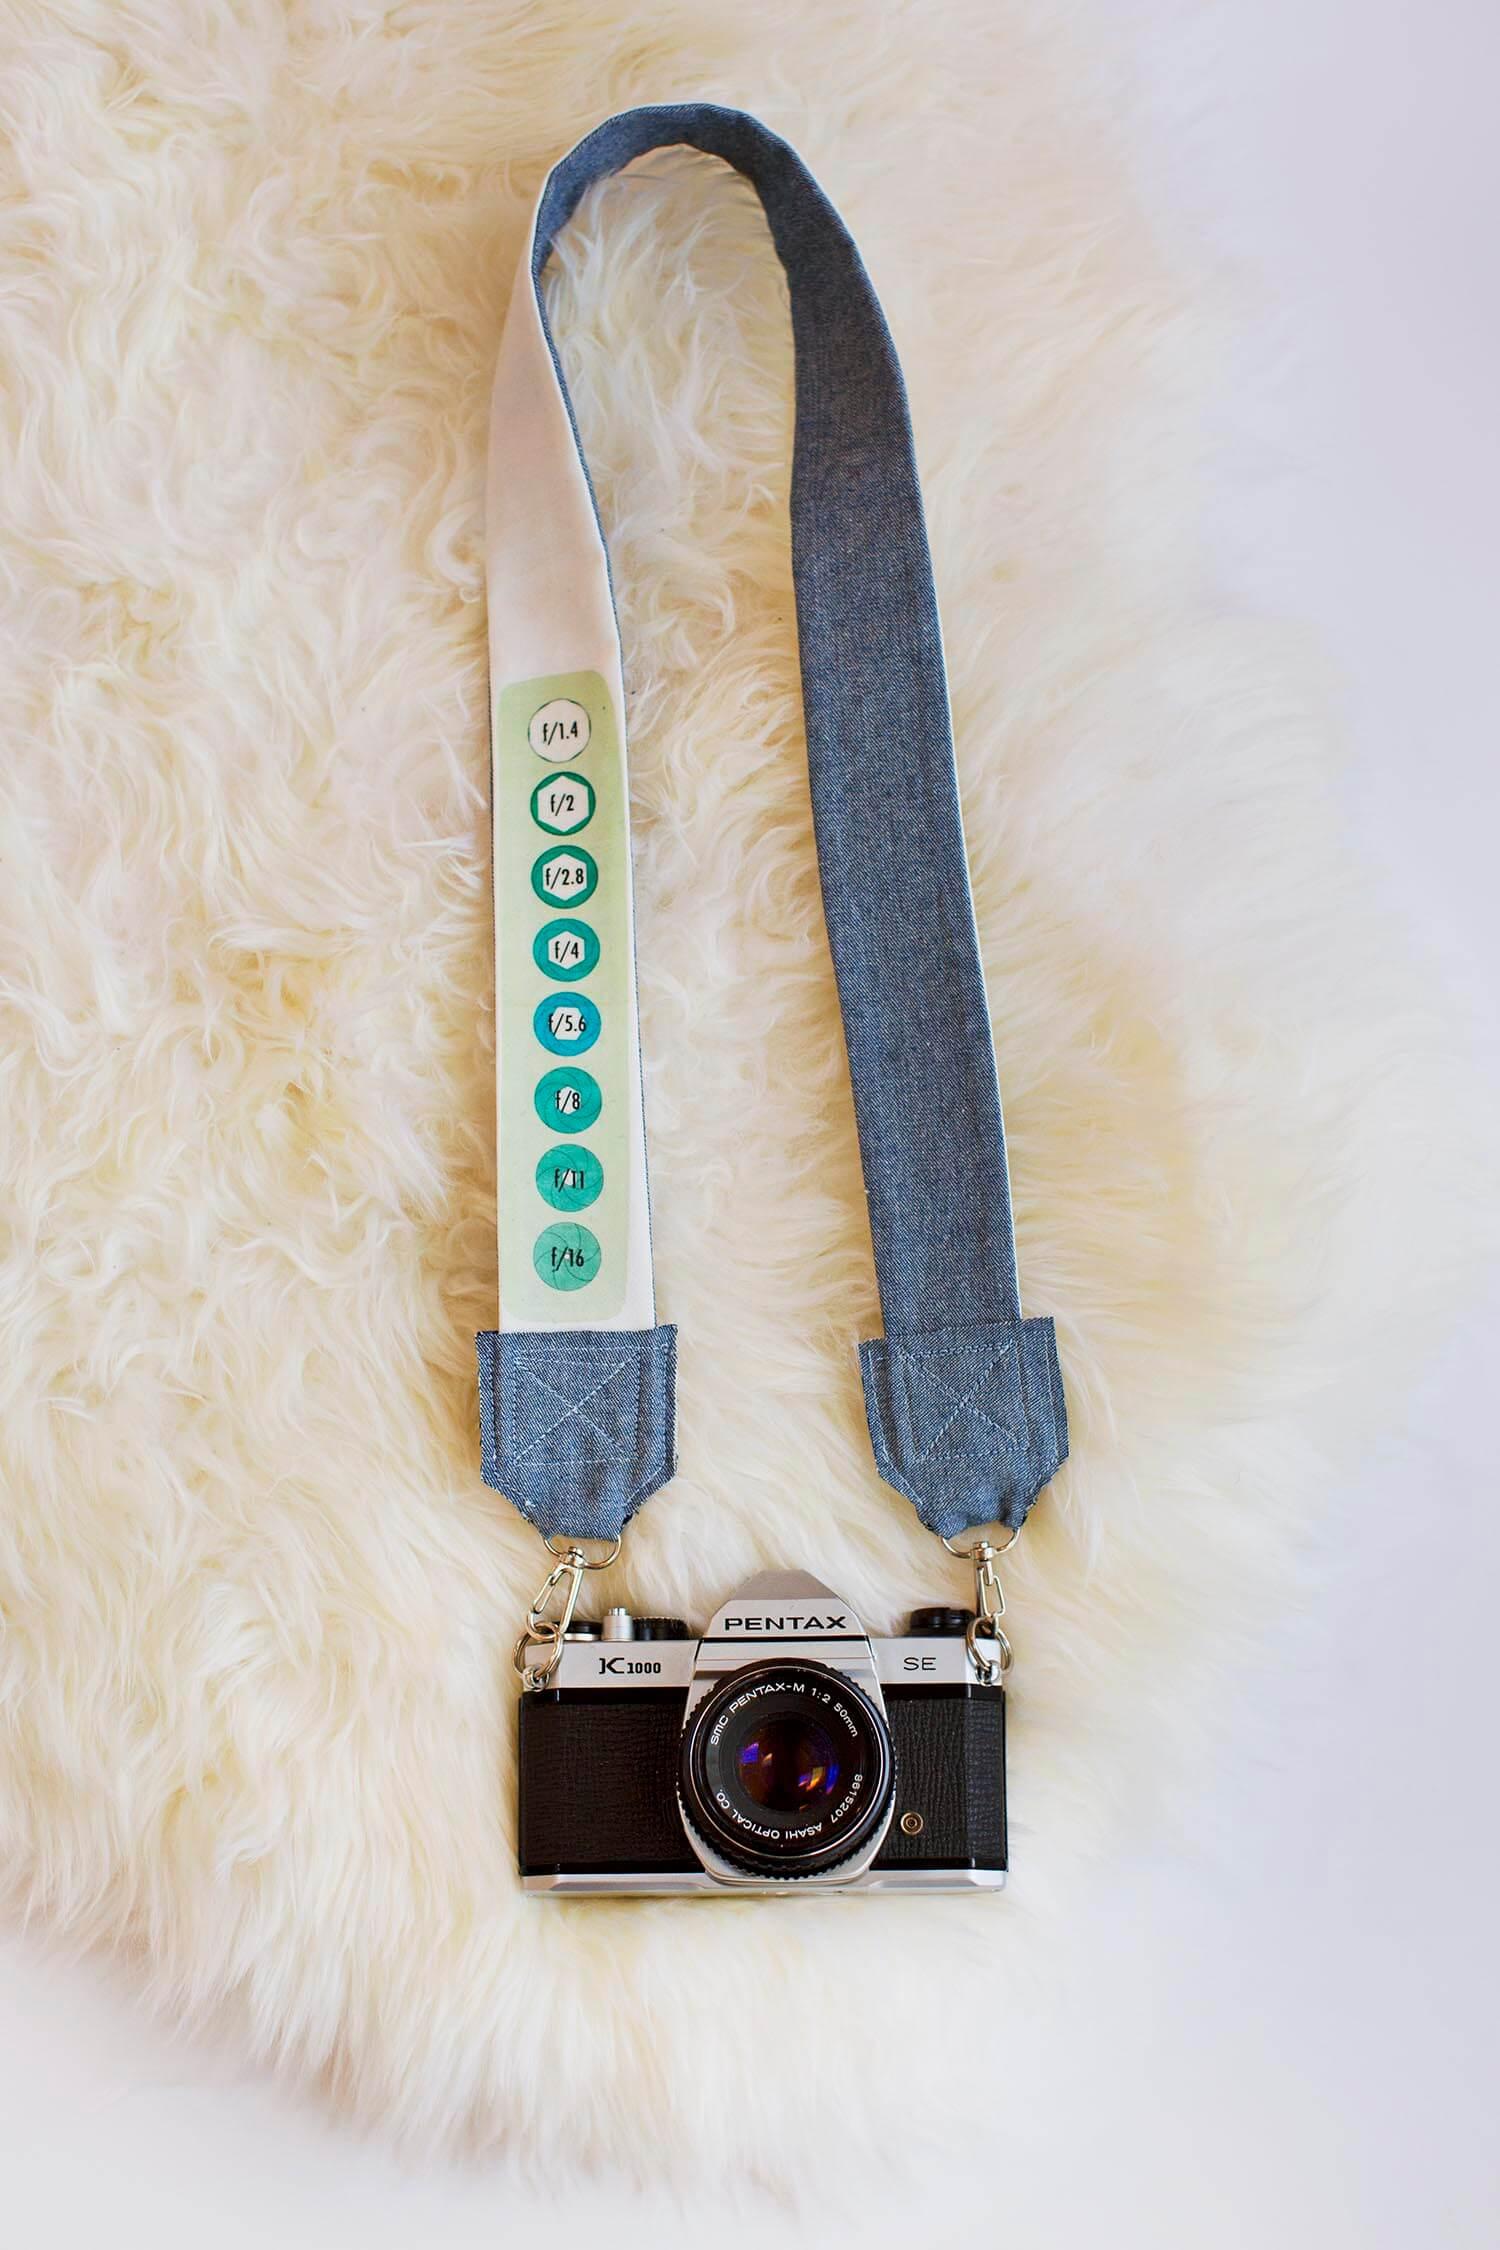 DIY Camera Strap (via abeautifulmess.com)